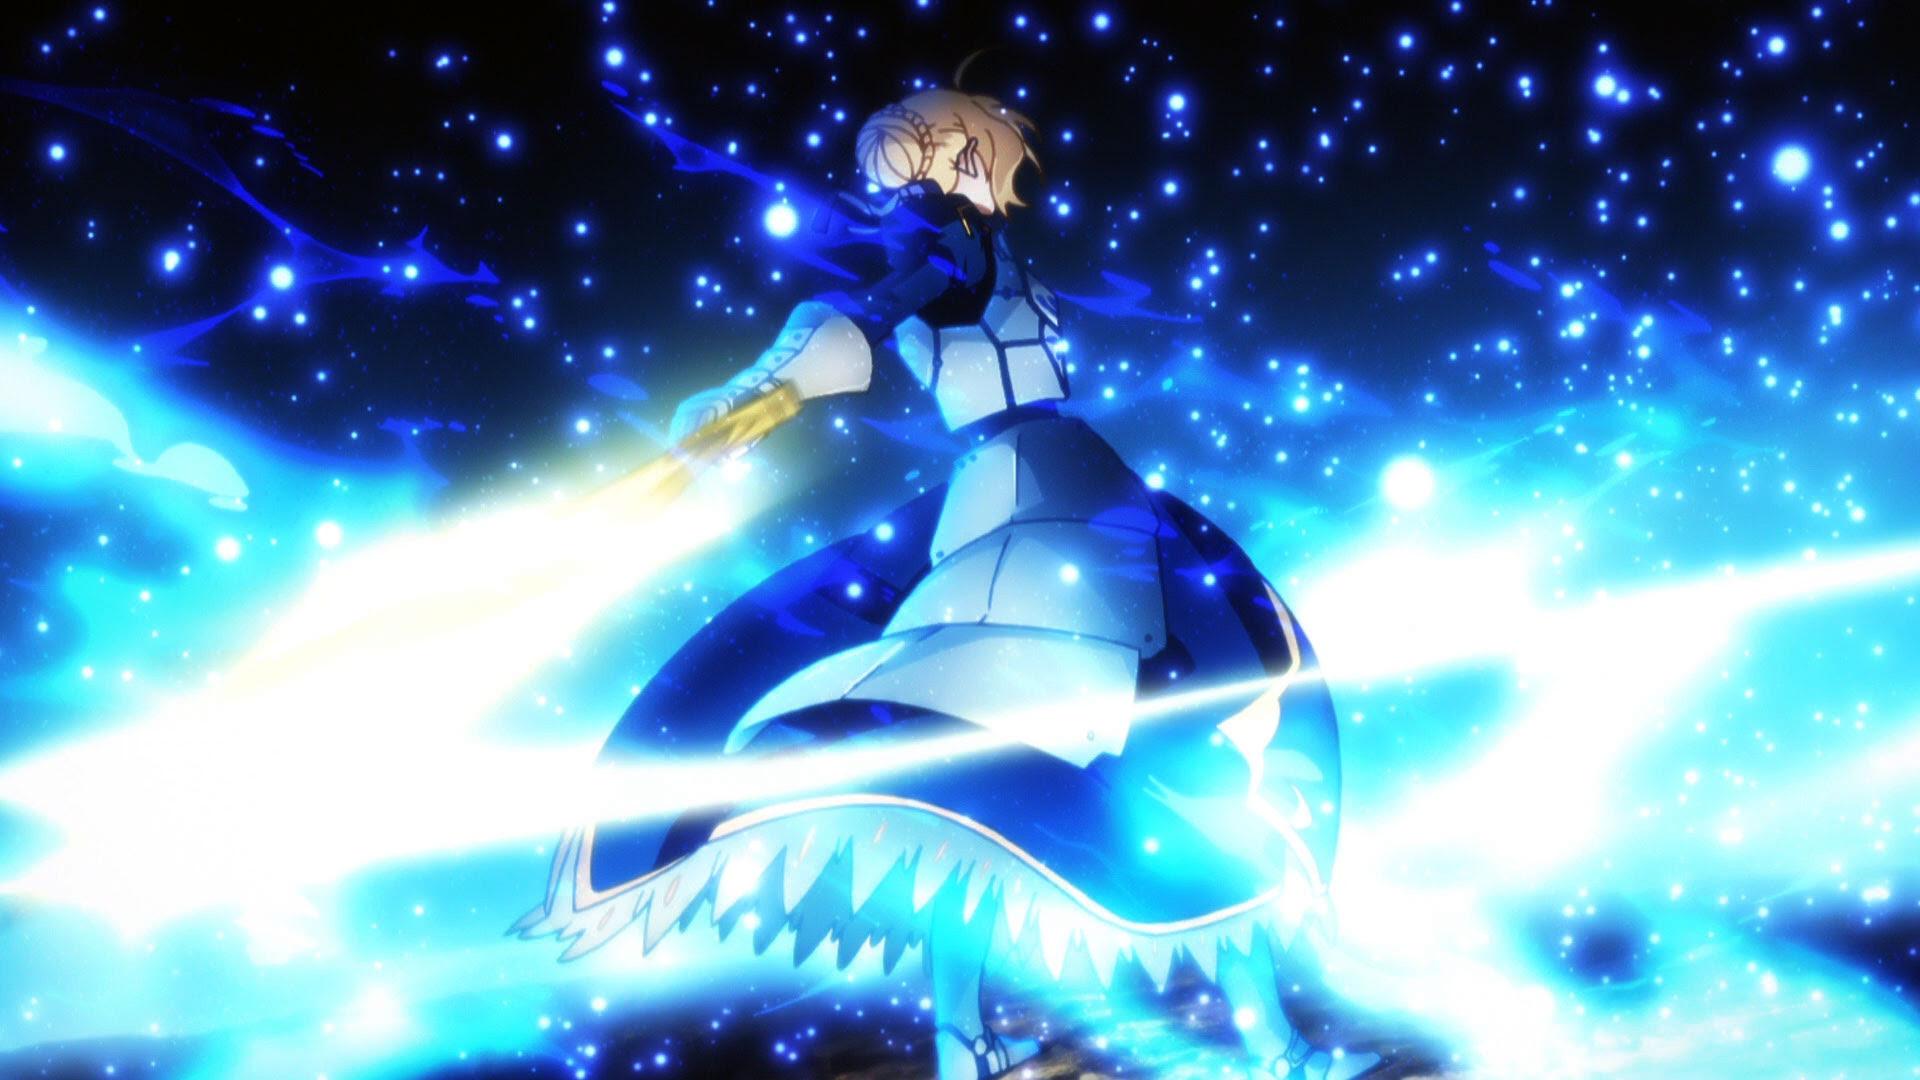 セイバー Fate Zero Fate Staynight セイバー 遠坂凛 壁紙 Iphone